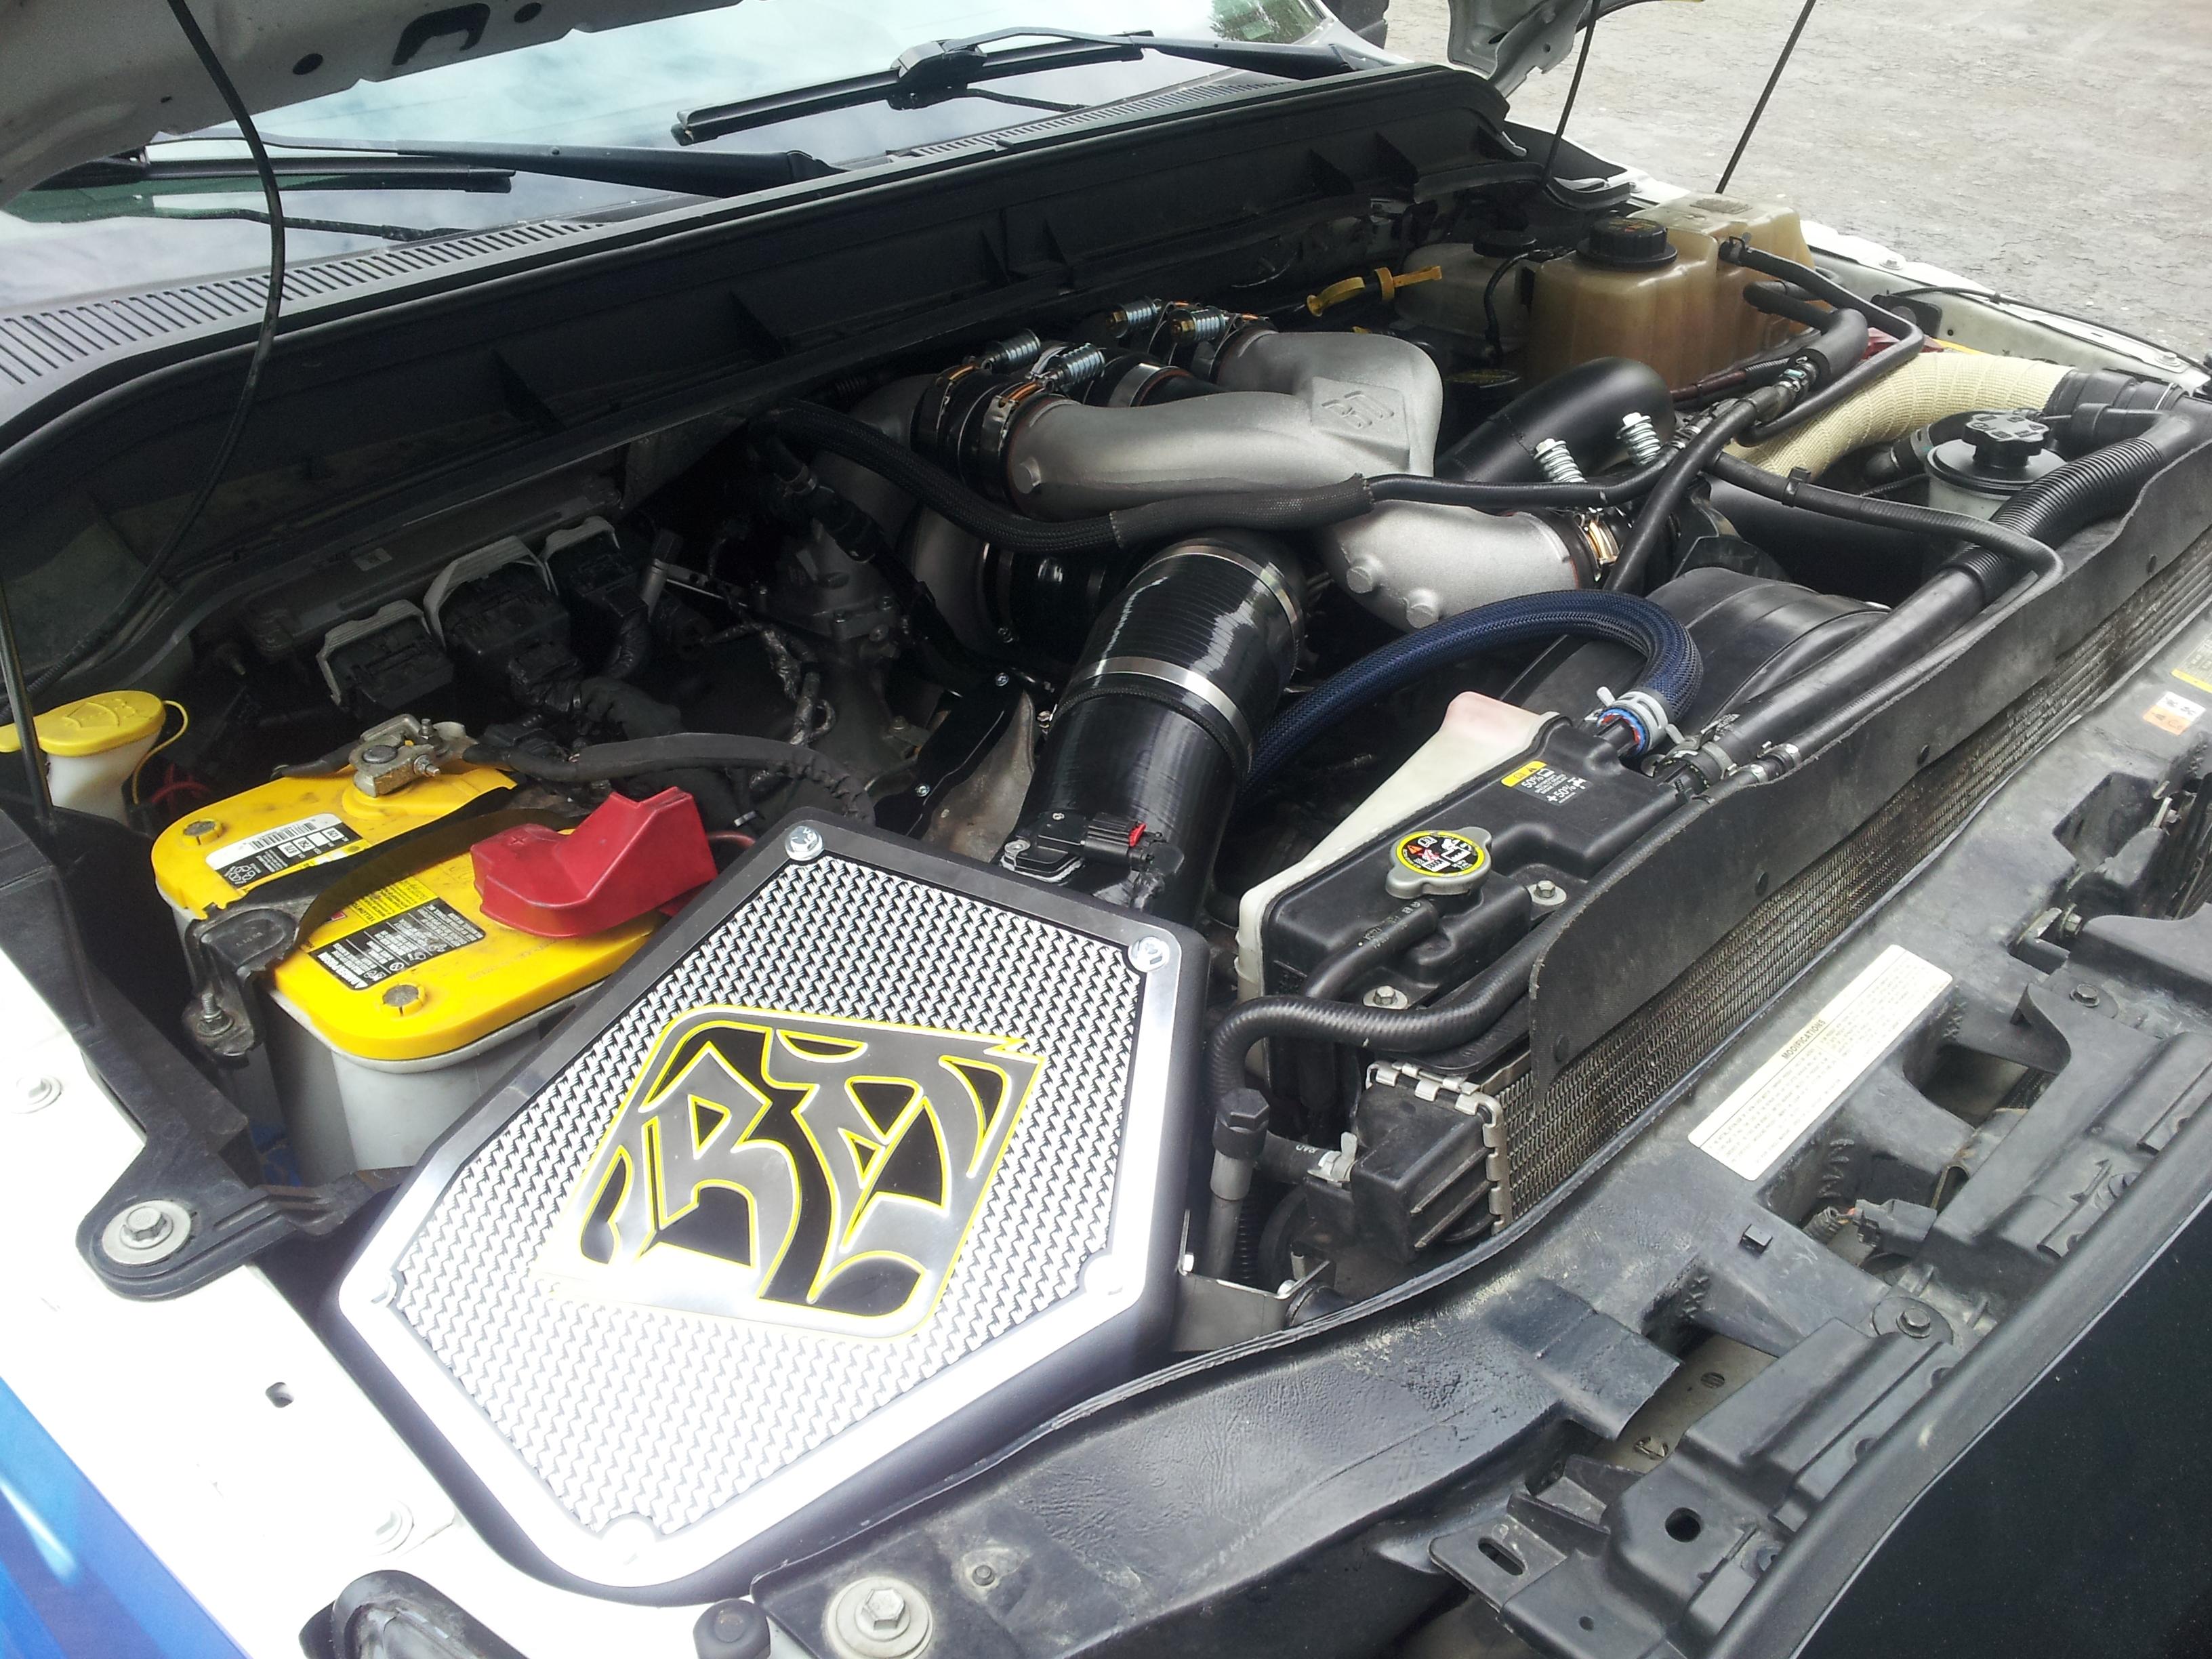 BD Diesel Ford 6 7L Scorpion Turbo Kit | AngelList